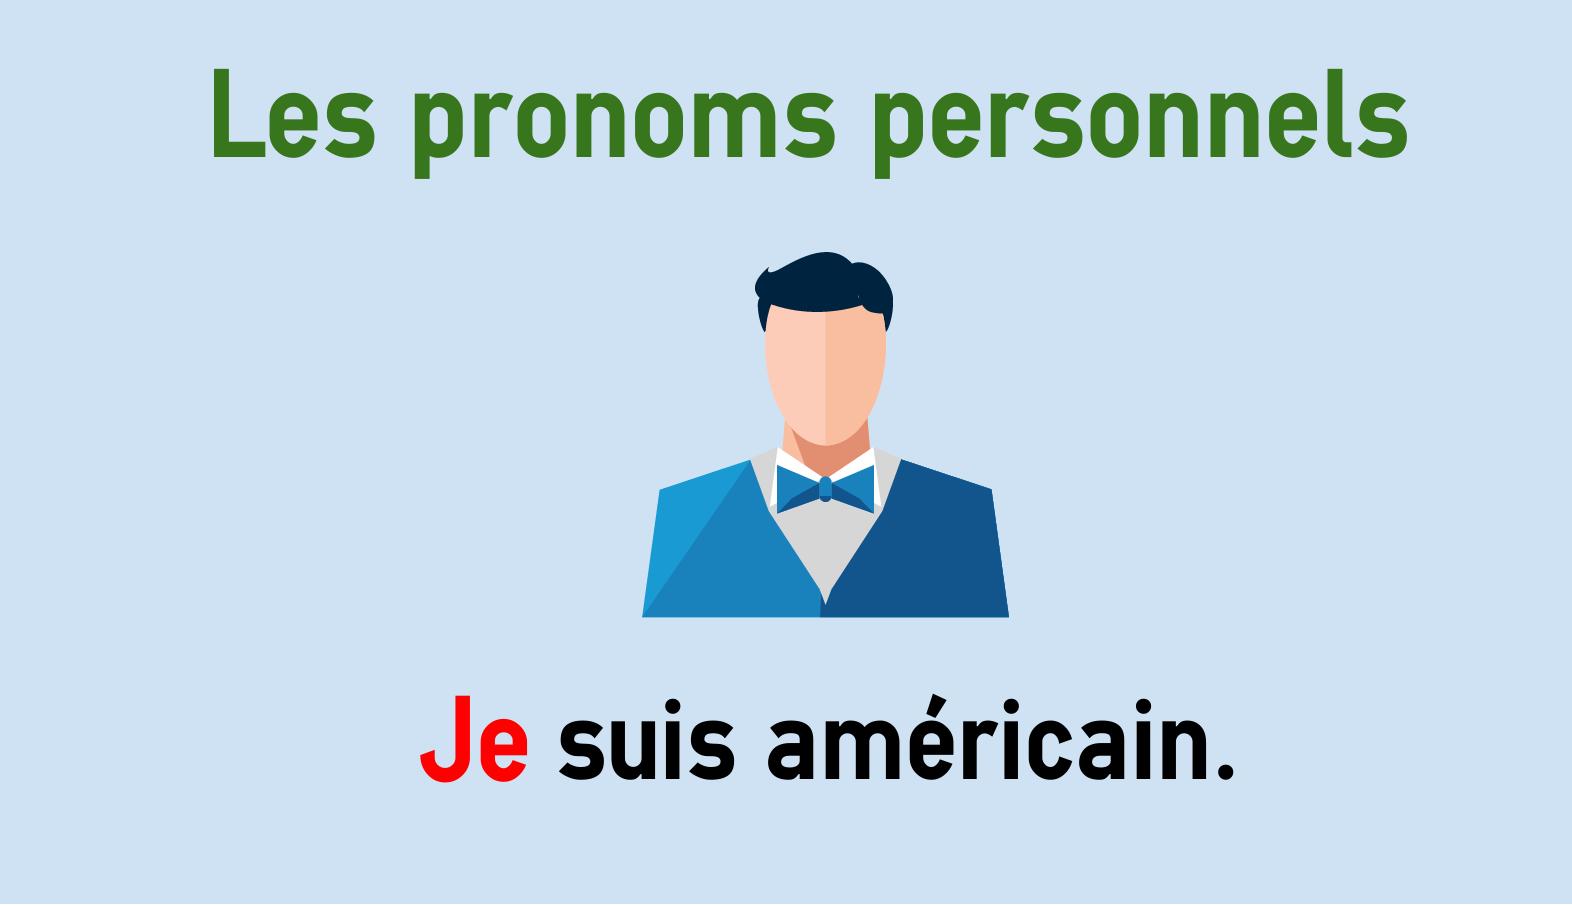 Französische Personalpronomen - je, tu, il